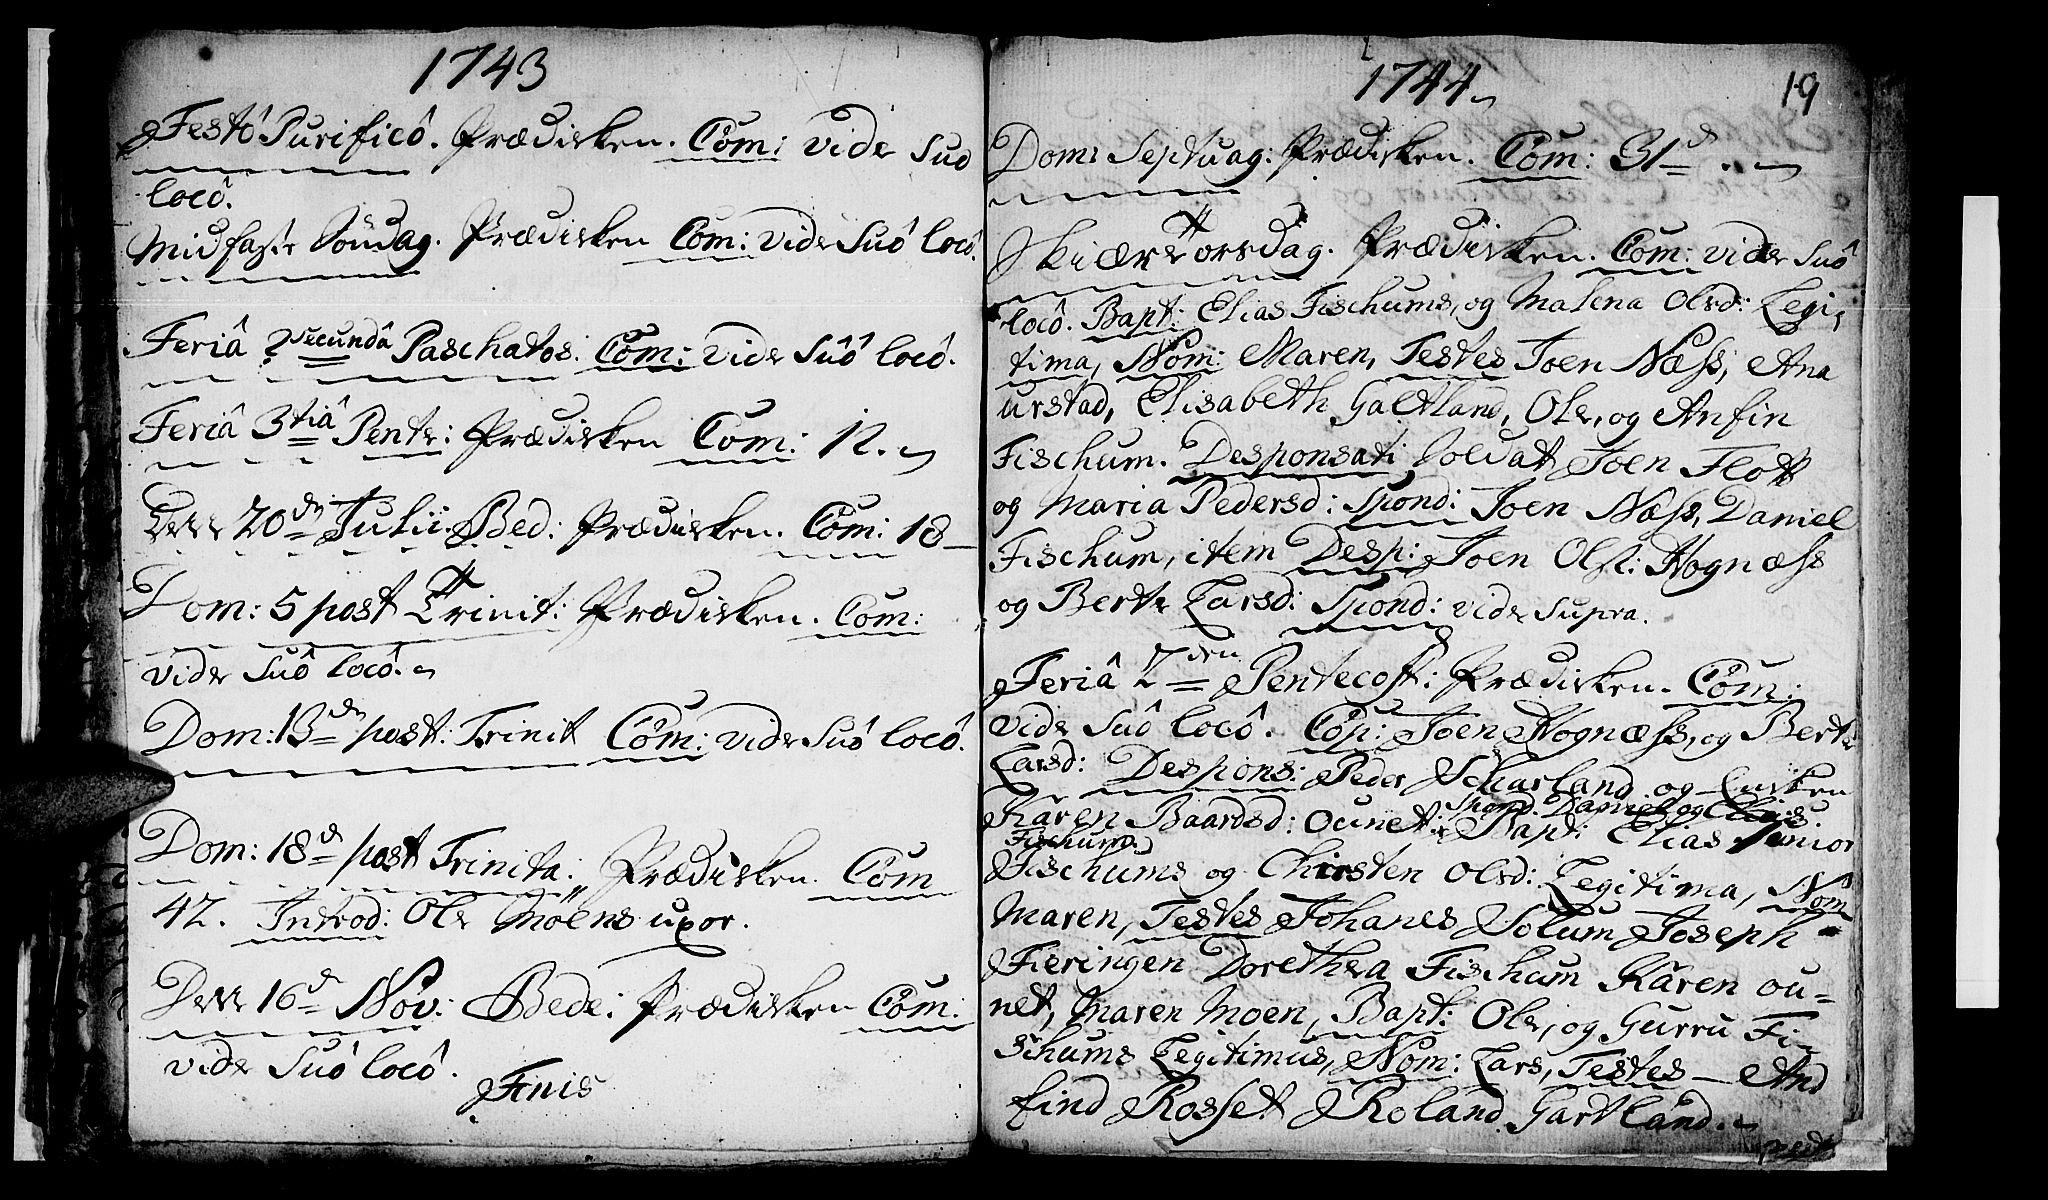 SAT, Ministerialprotokoller, klokkerbøker og fødselsregistre - Nord-Trøndelag, 759/L0525: Ministerialbok nr. 759A01, 1706-1748, s. 19